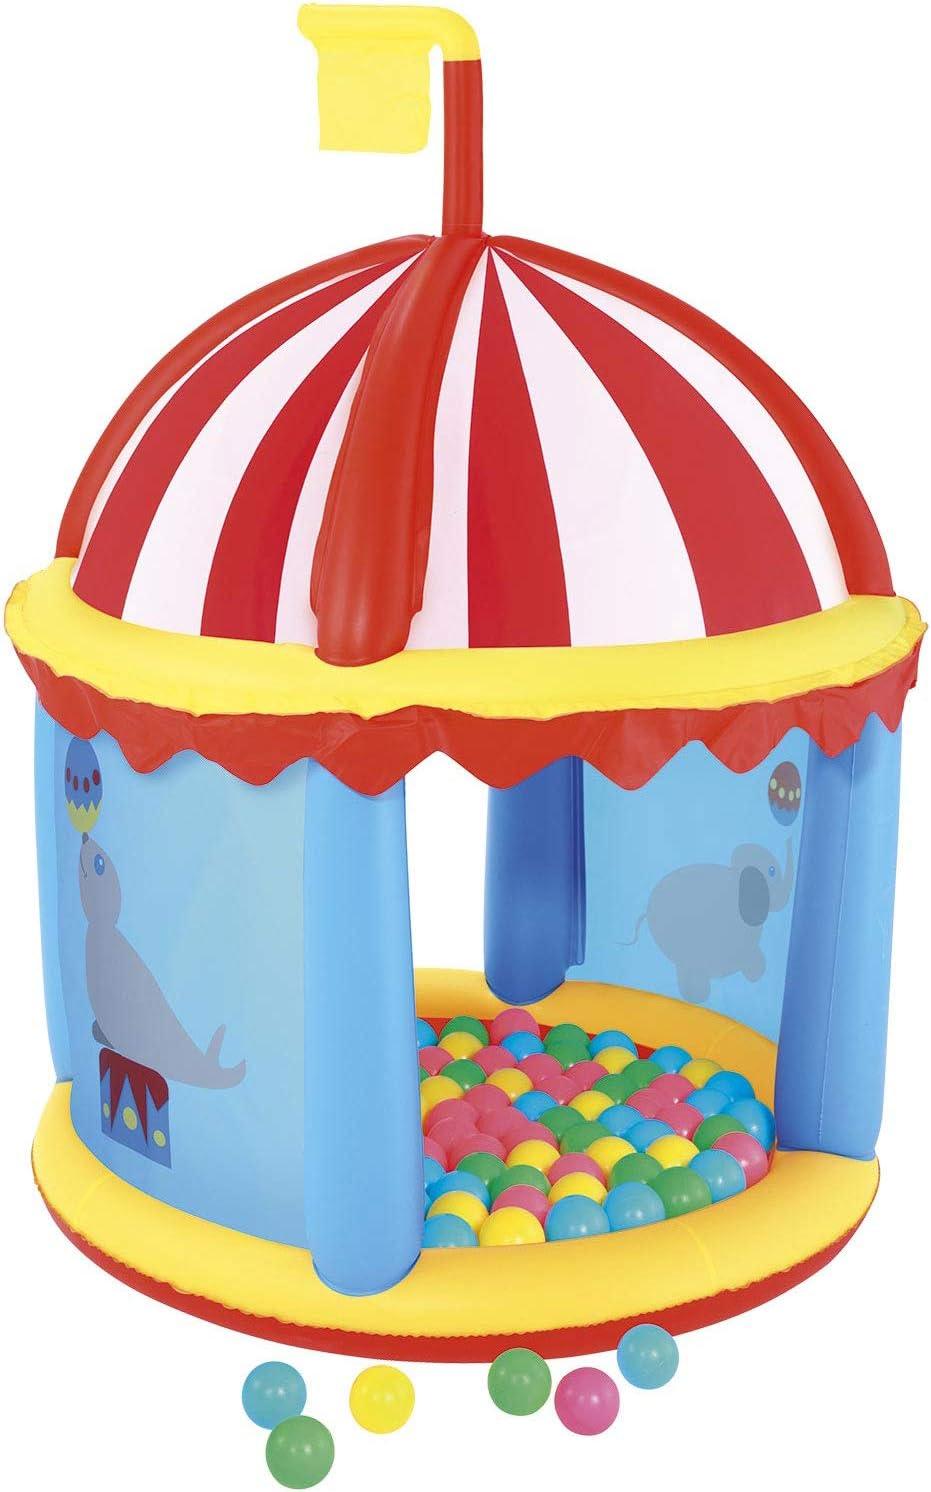 Piscina de Bolas Hinchable Bestway Circo: Amazon.es: Juguetes y juegos